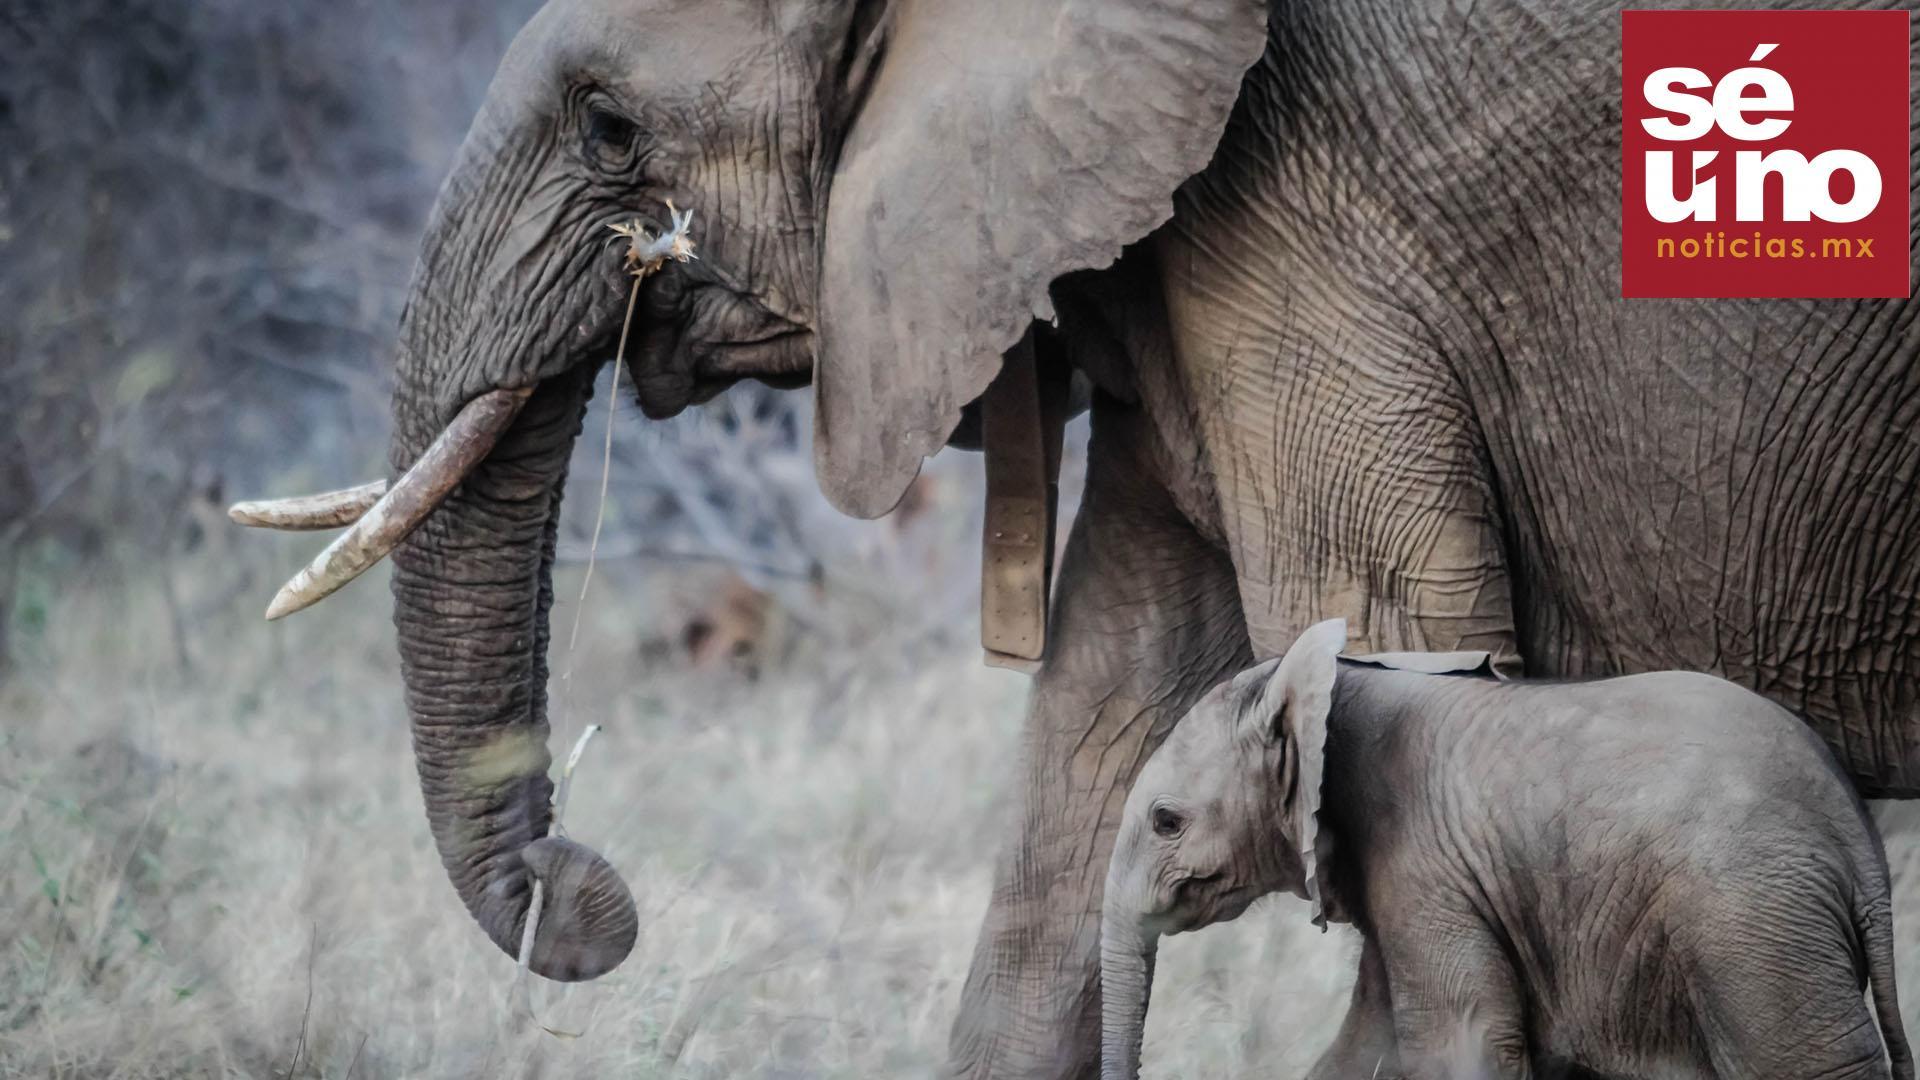 Tras una prolongada sequía al menos 200 elefantes han muerto de hambre en el turístico Parque Nacional de Hwange, el más grande de Zimbabue y fronterizo con Botsuana, según confirmaron fuentes oficiales.